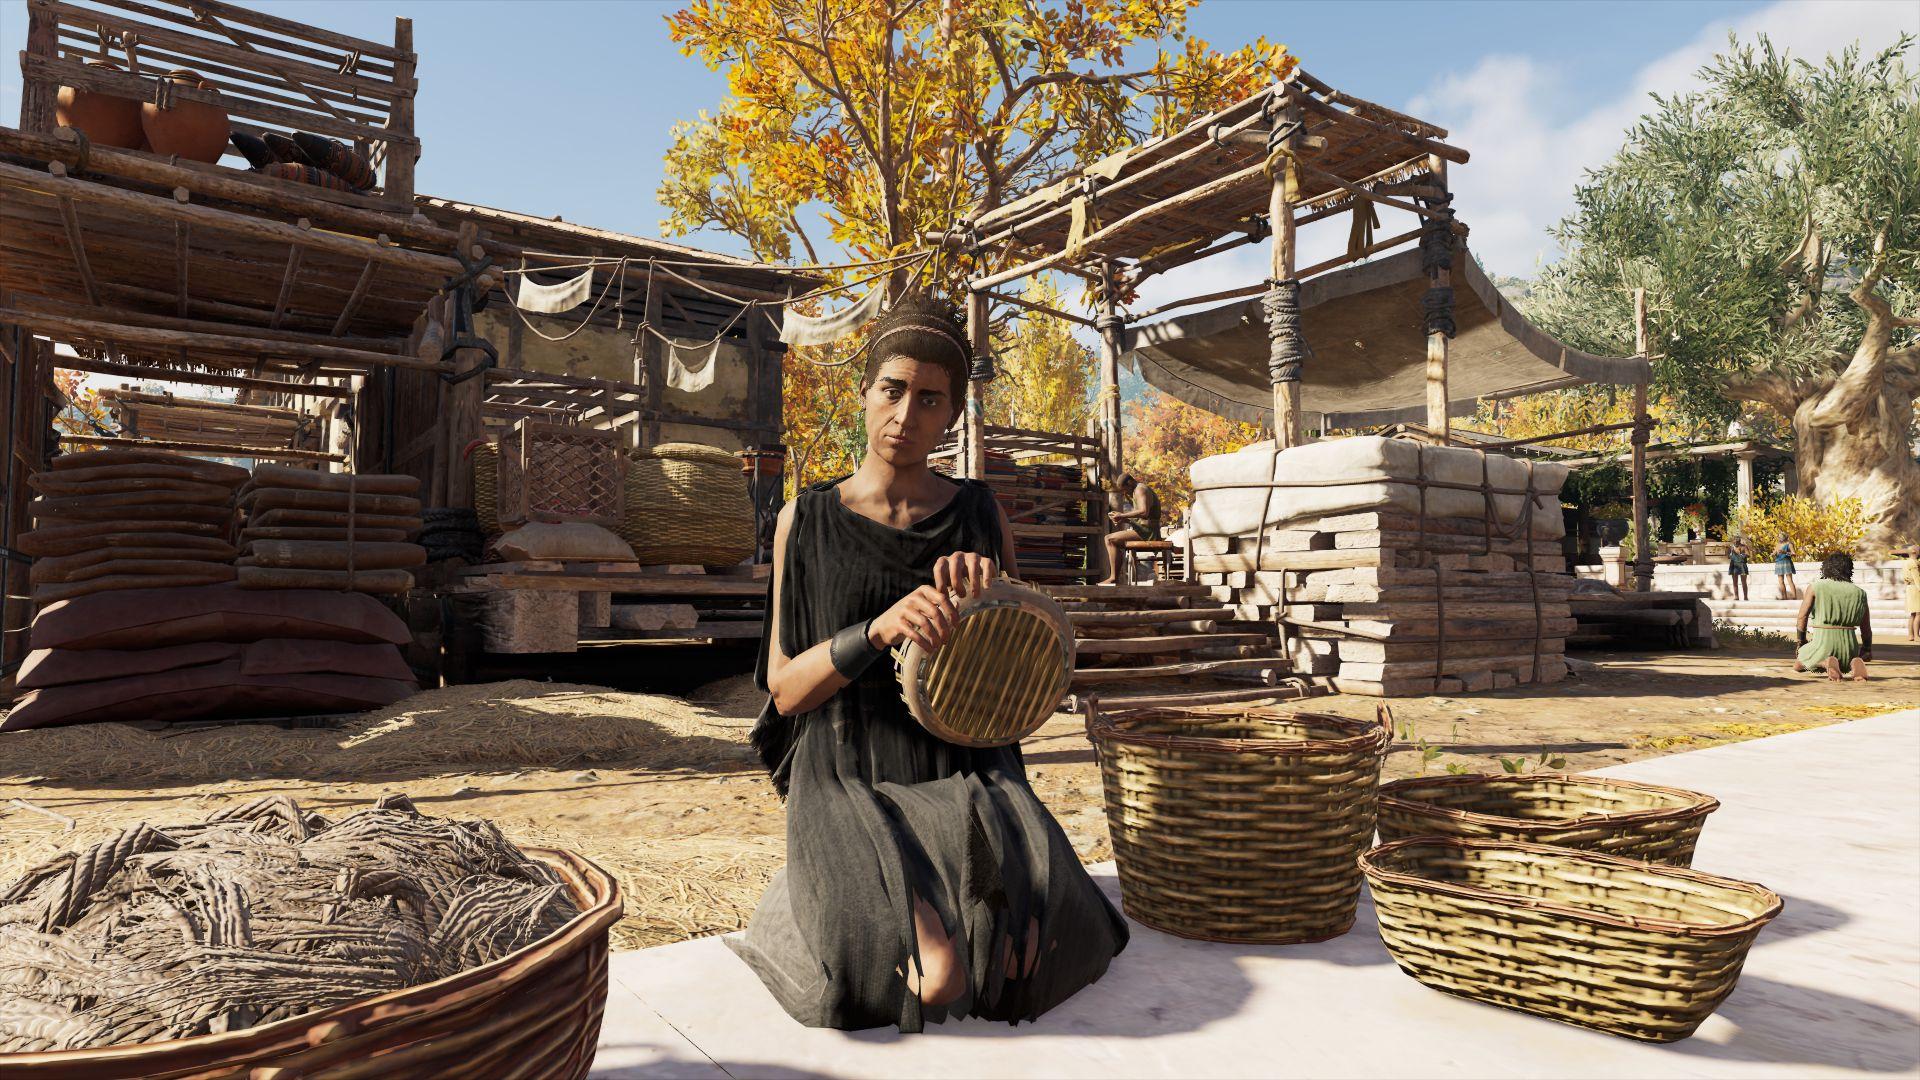 A woman weaving a basket.